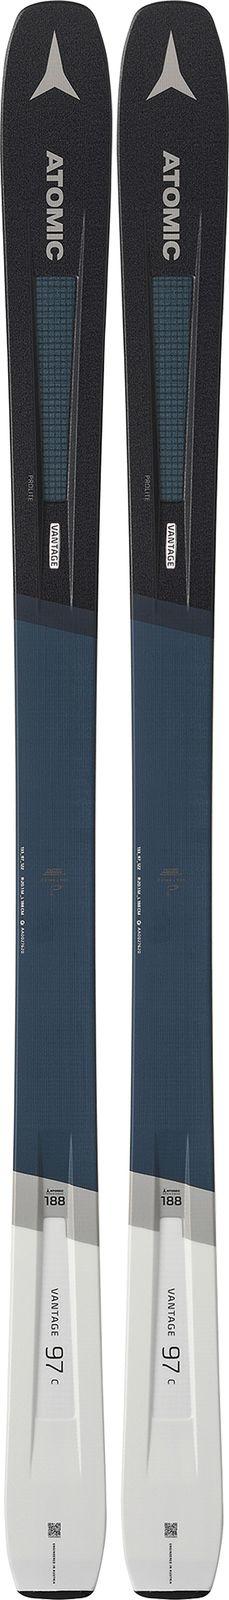 Горные лыжи Atomic Vantage 97 C, AA0027620188, синий, серый, рост 188 см